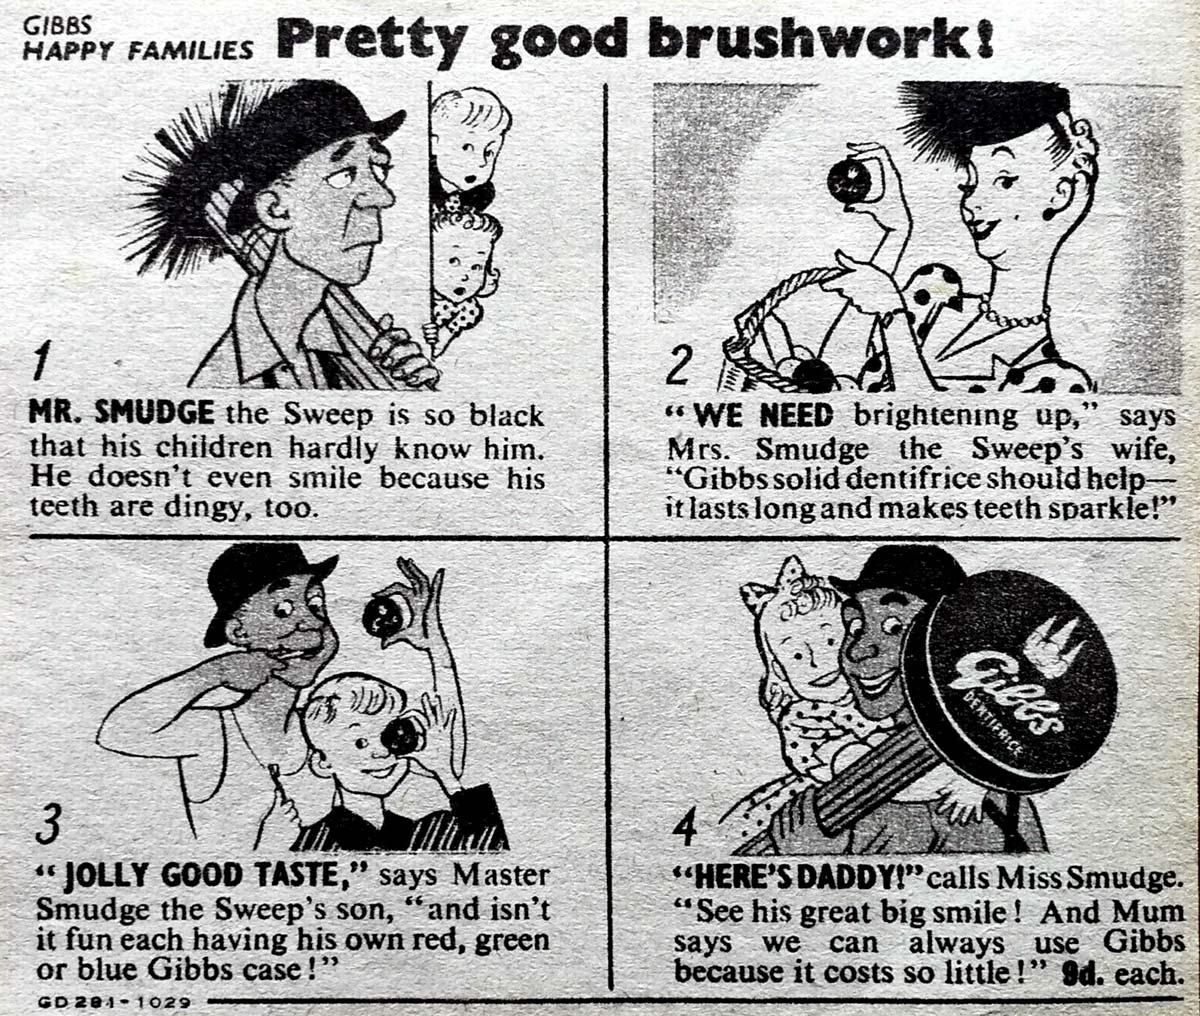 Gibbs Happy Families cartoon, 1948